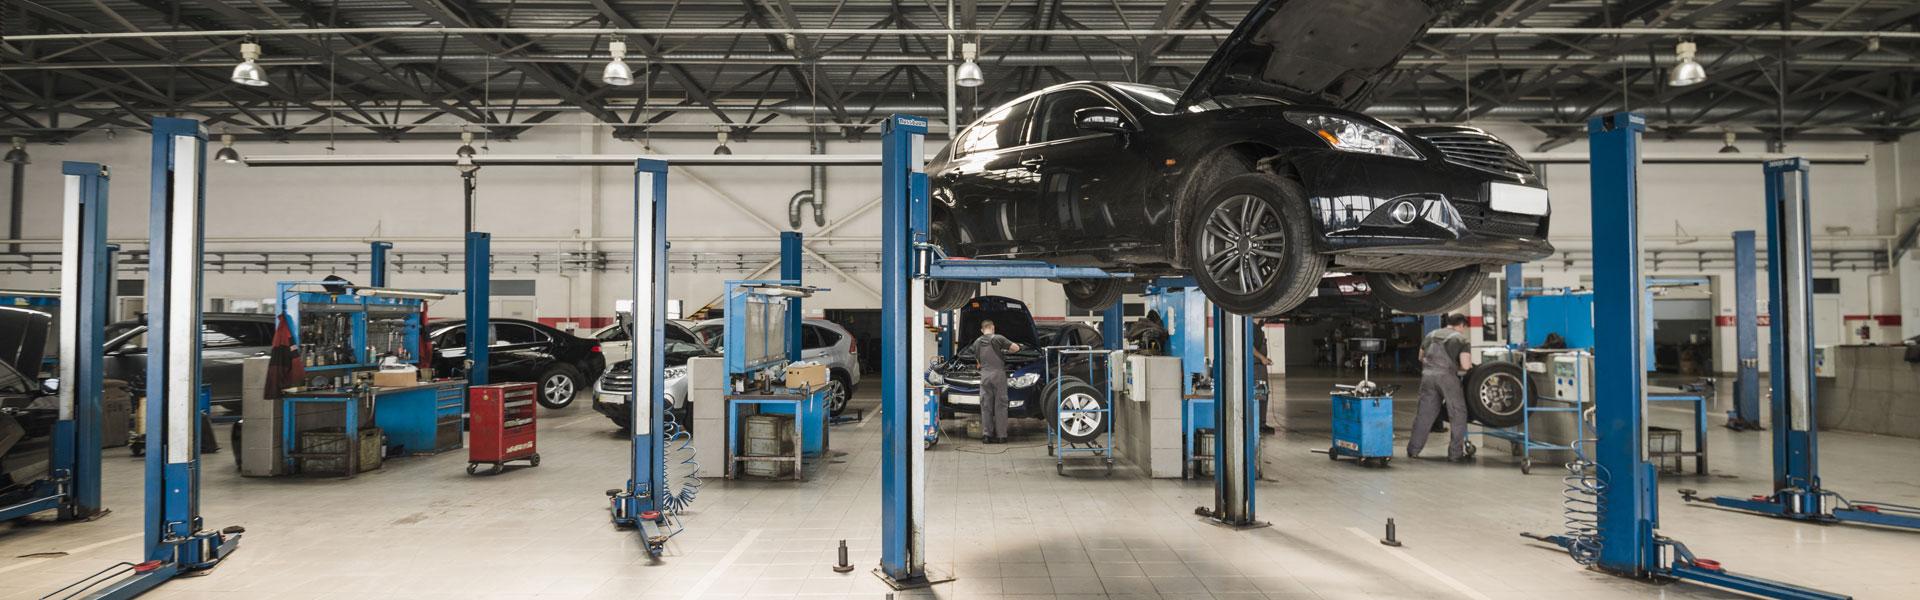 seguros para talleres mecánicos